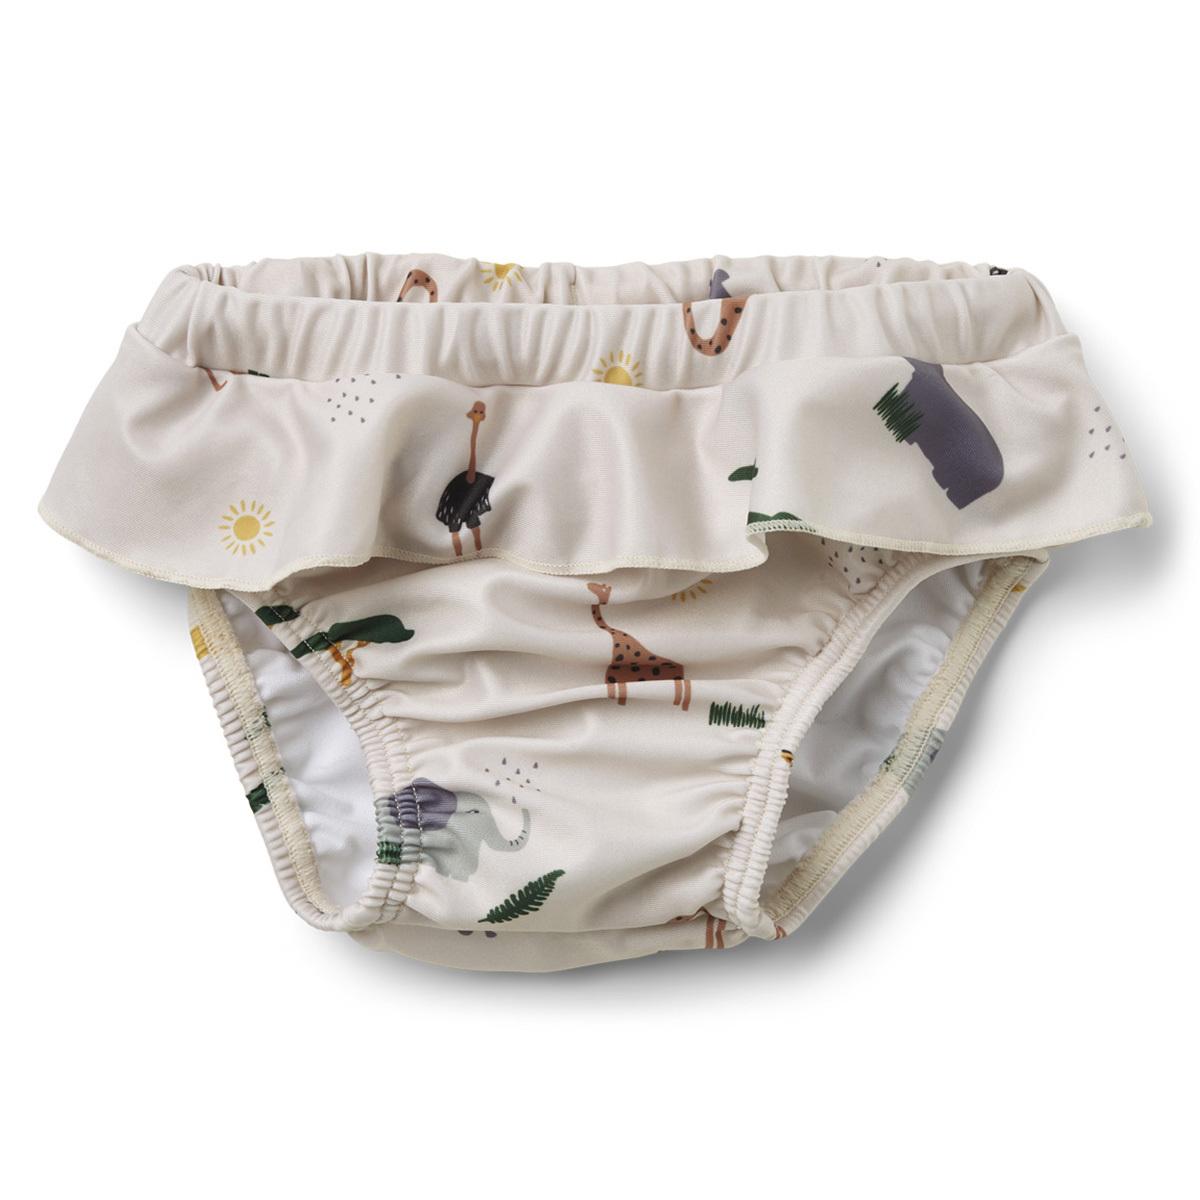 Accessoires bébé Culotte de Bain Elise Safari Sandy Mix - 12/18 Mois Culotte de Bain Elise Safari Sandy Mix - 12/18 Mois